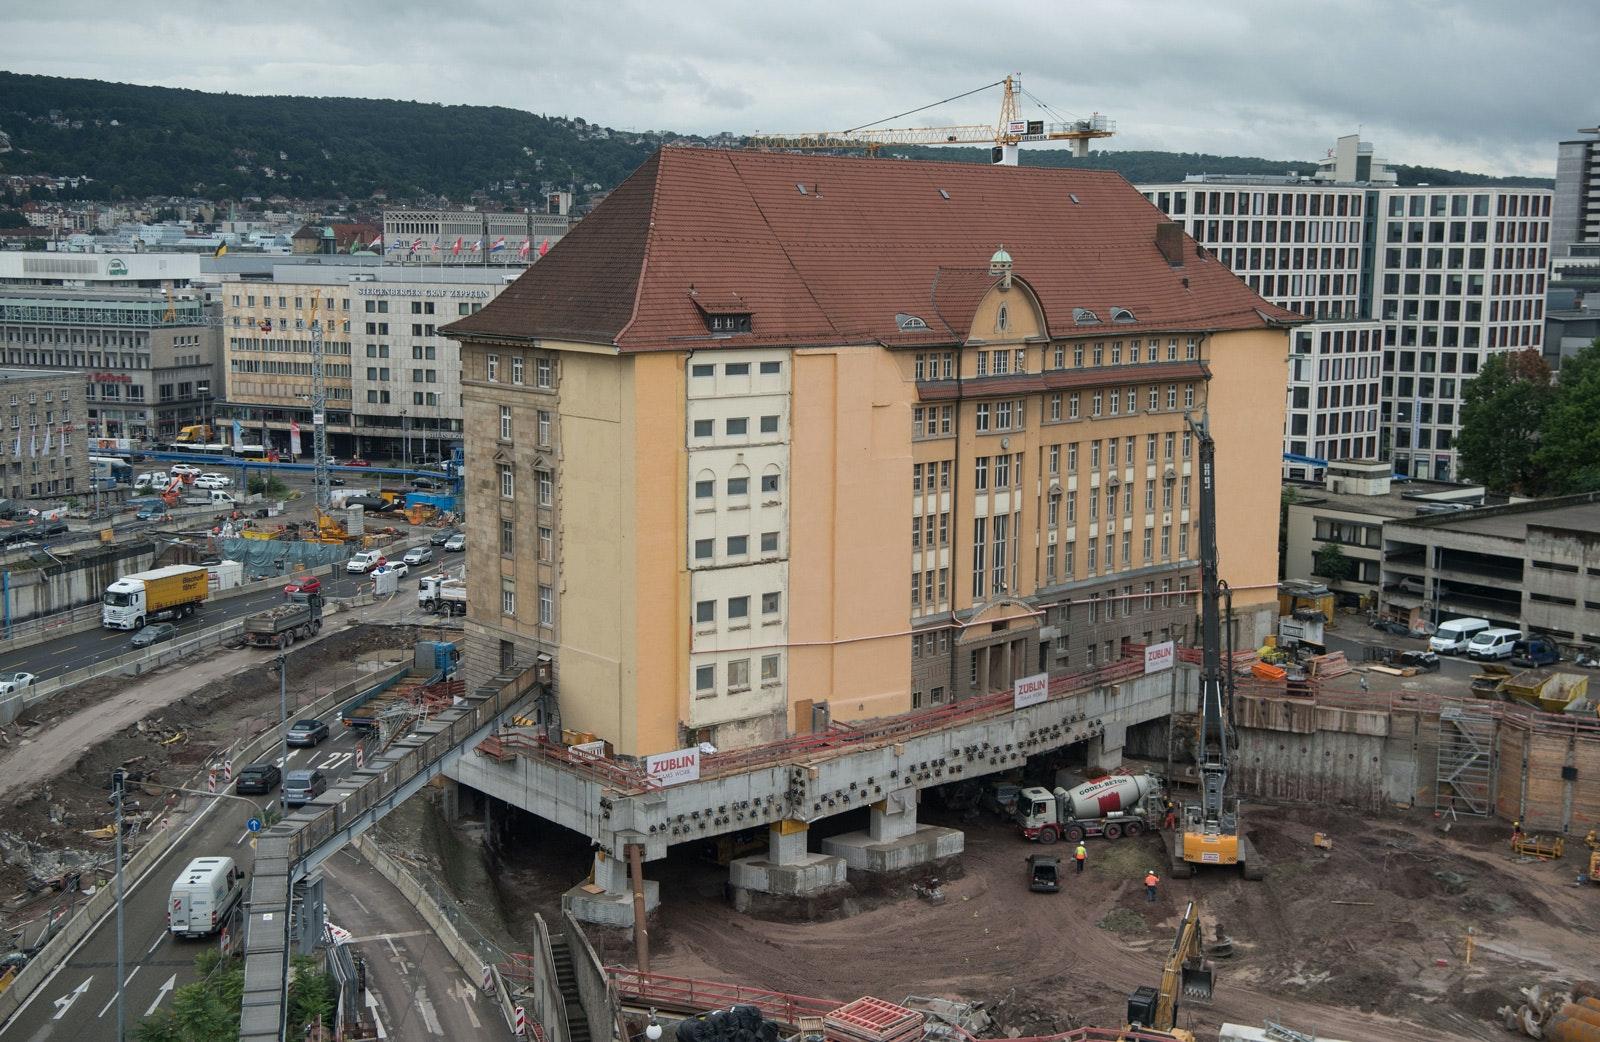 Mitten im städtebaulichen Entwicklungsgebiet: die denkmalgeschützte Alte Bahndirektion Stuttgart